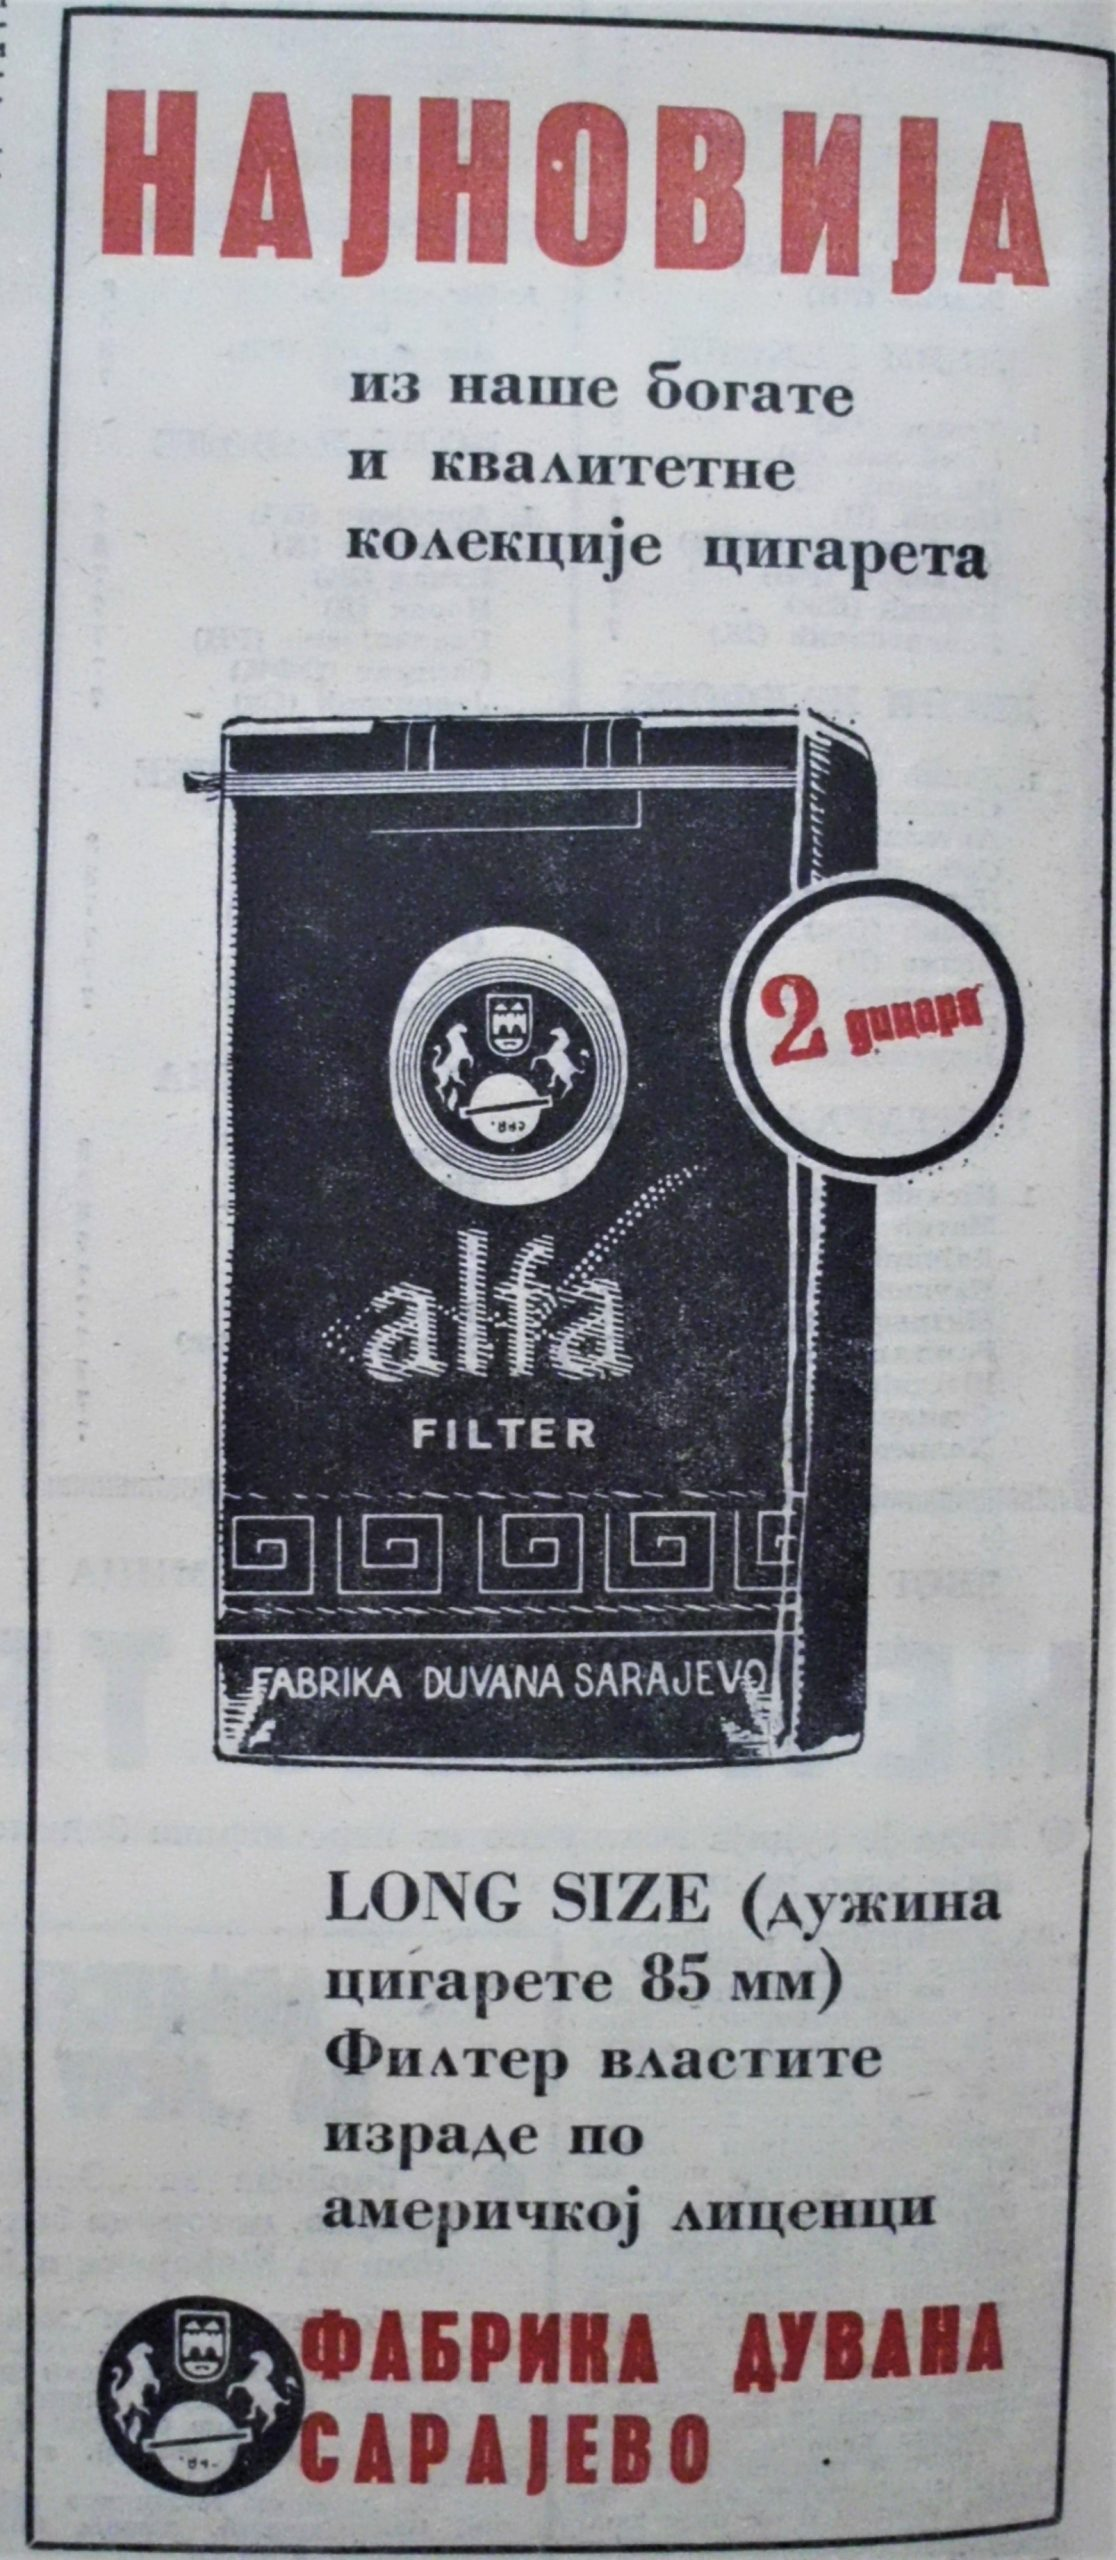 Cigare Alfa